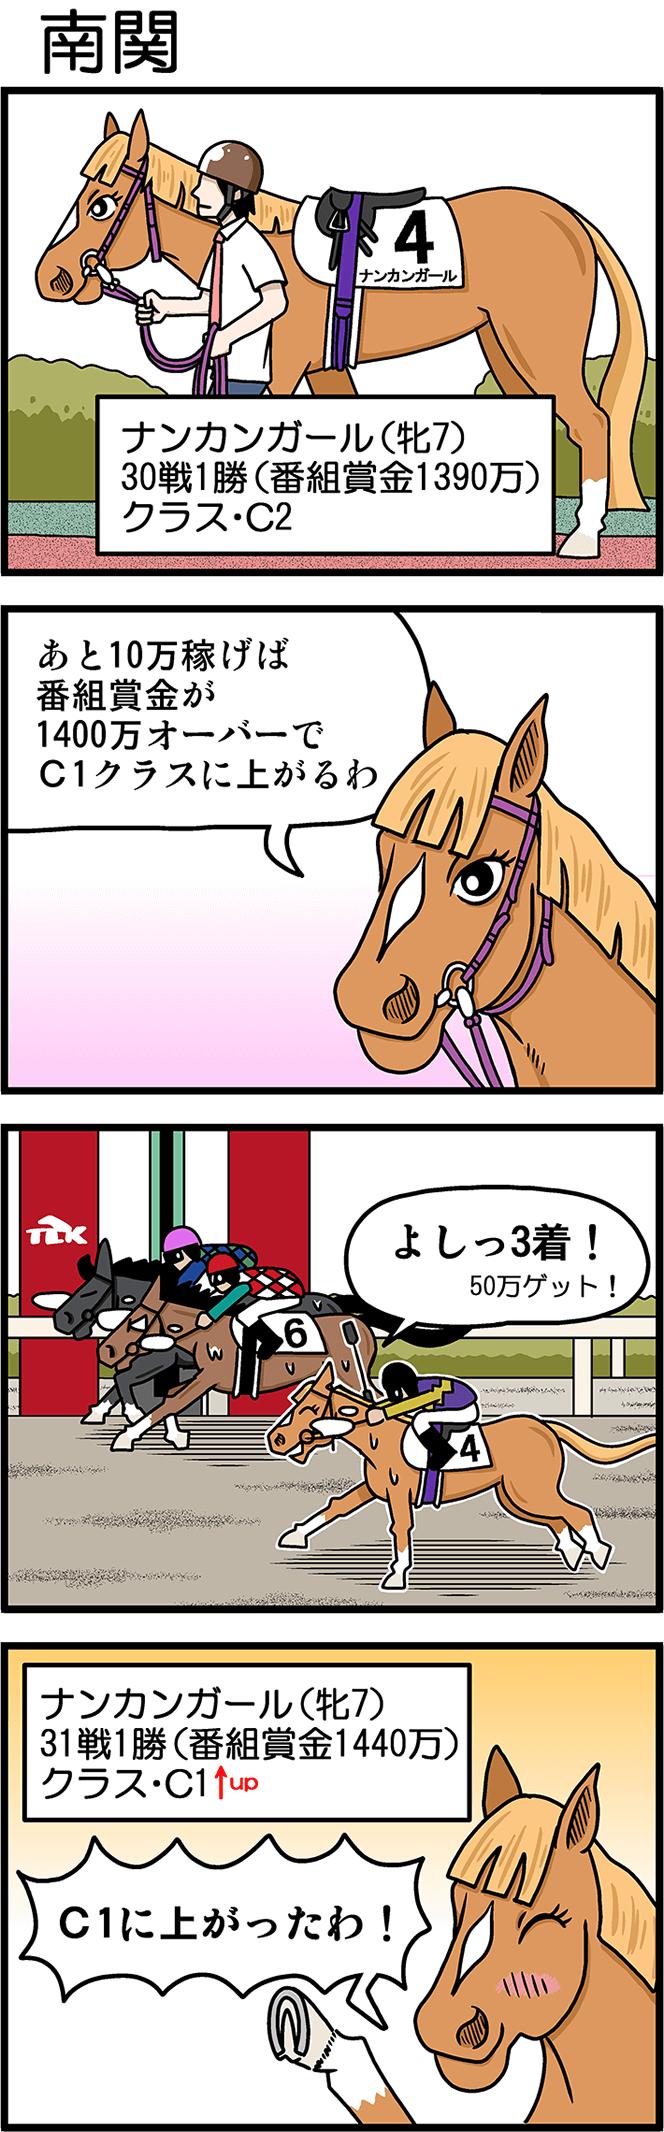 南関競馬 攻略